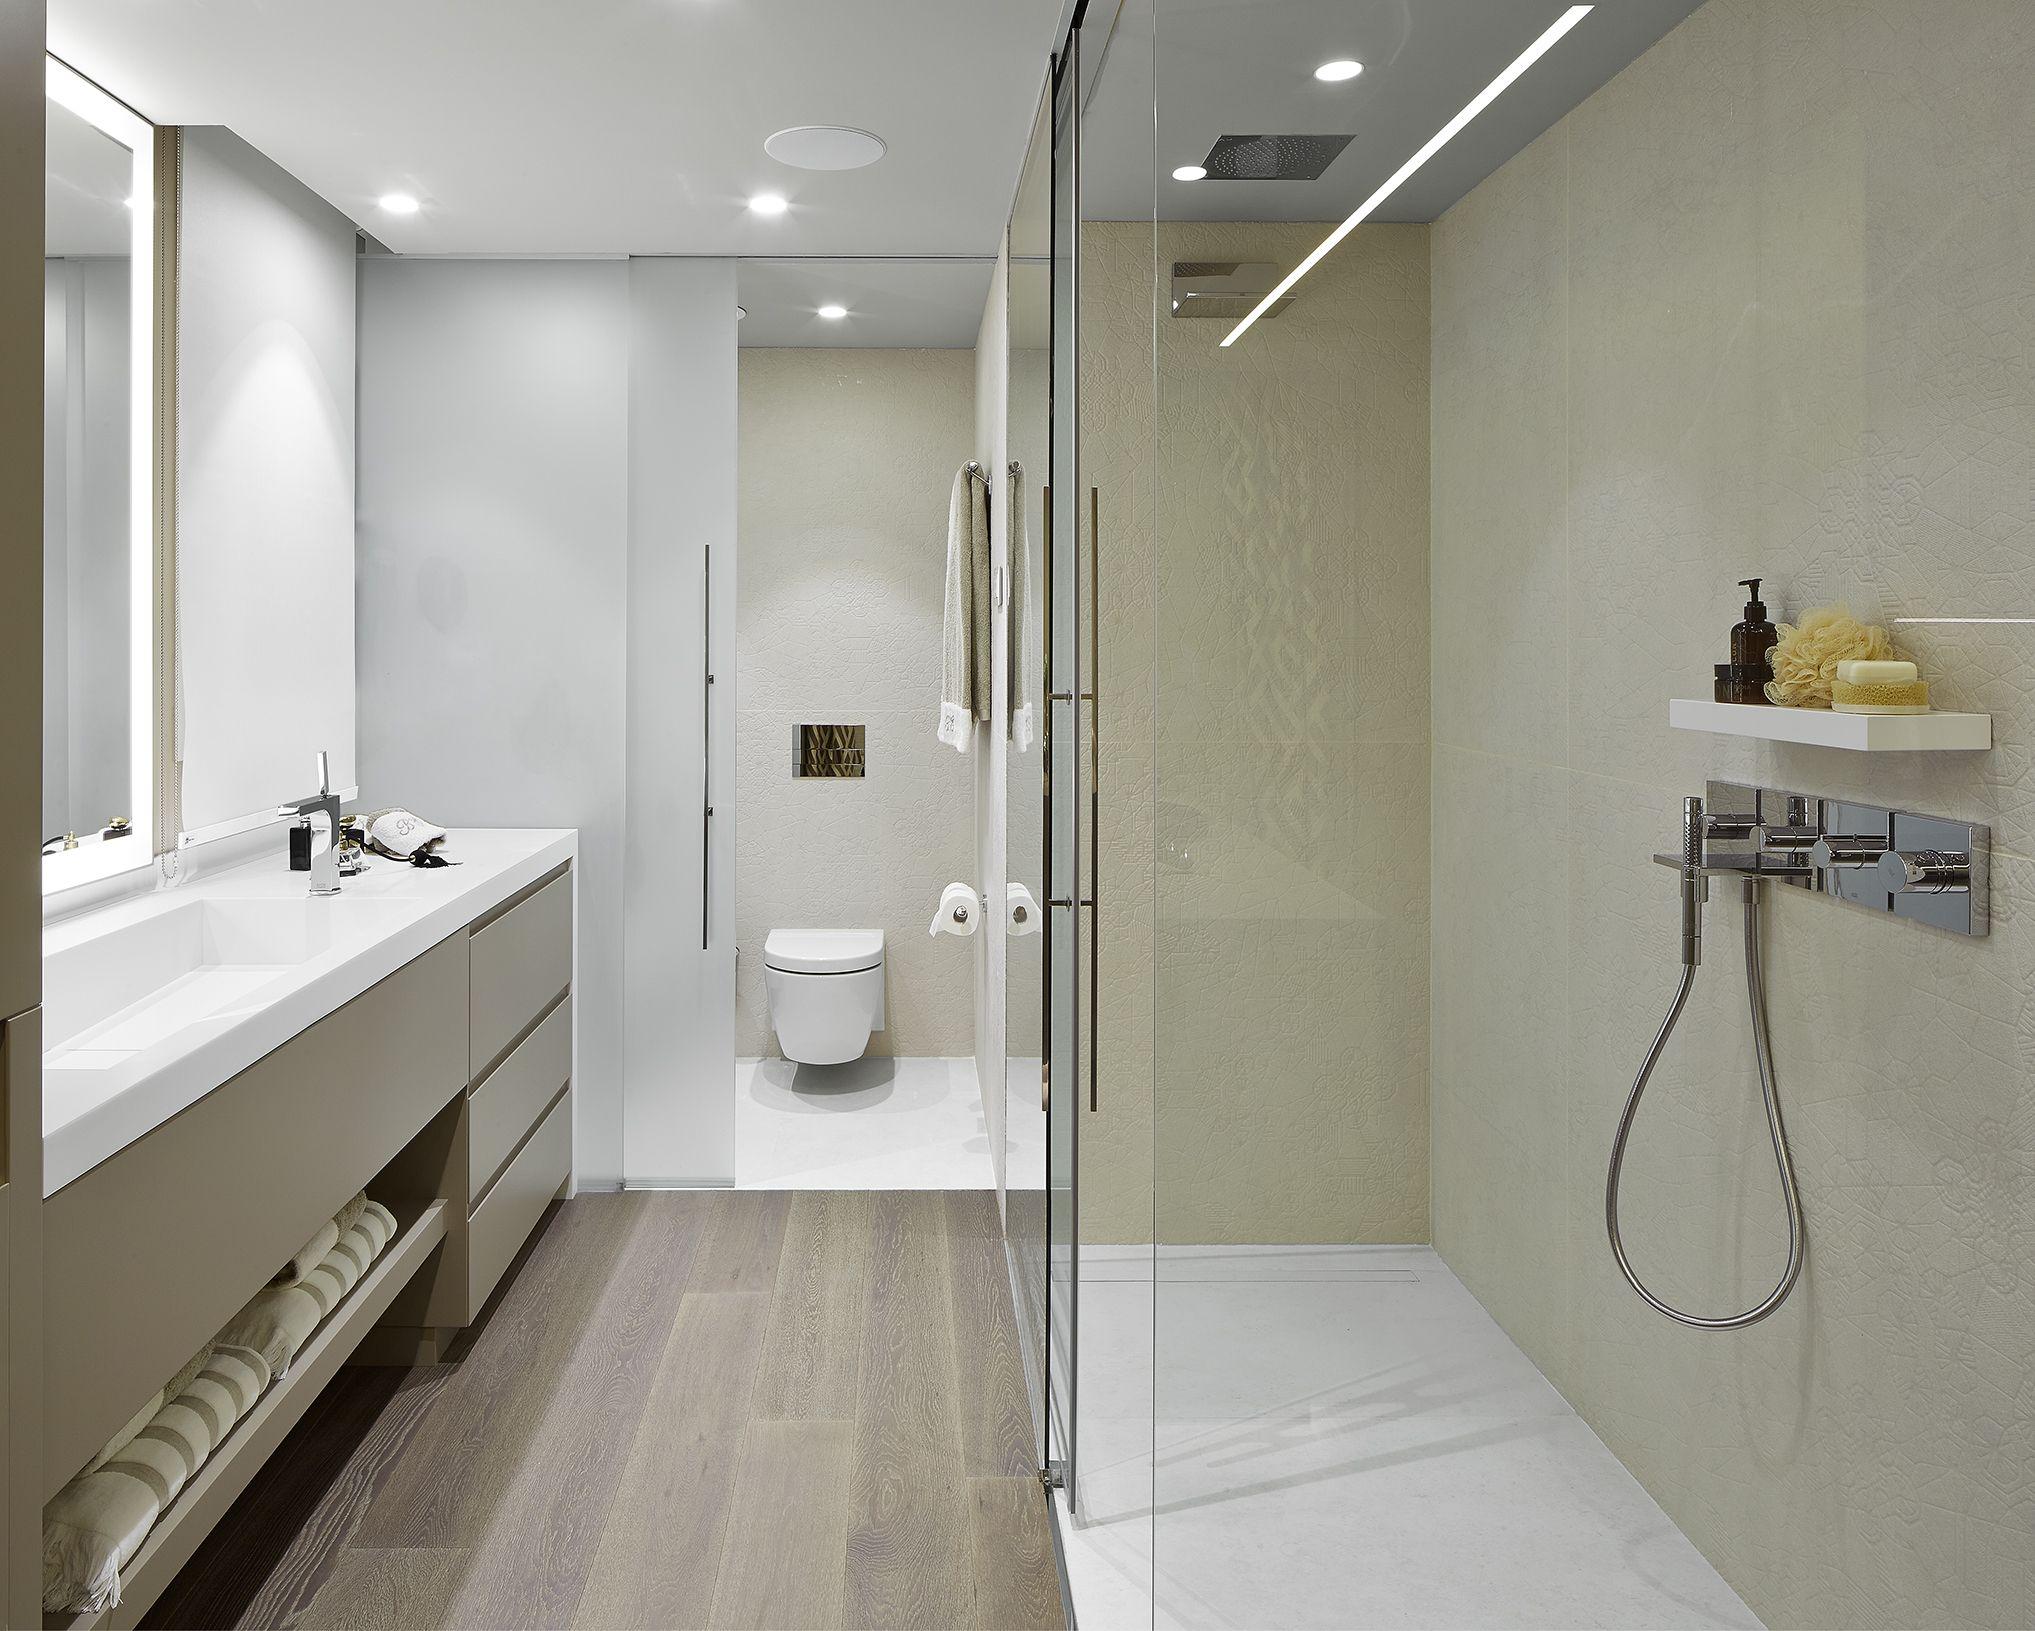 Molins interiors arquitectura interior interiorismo for Modern bathroom suites ideas